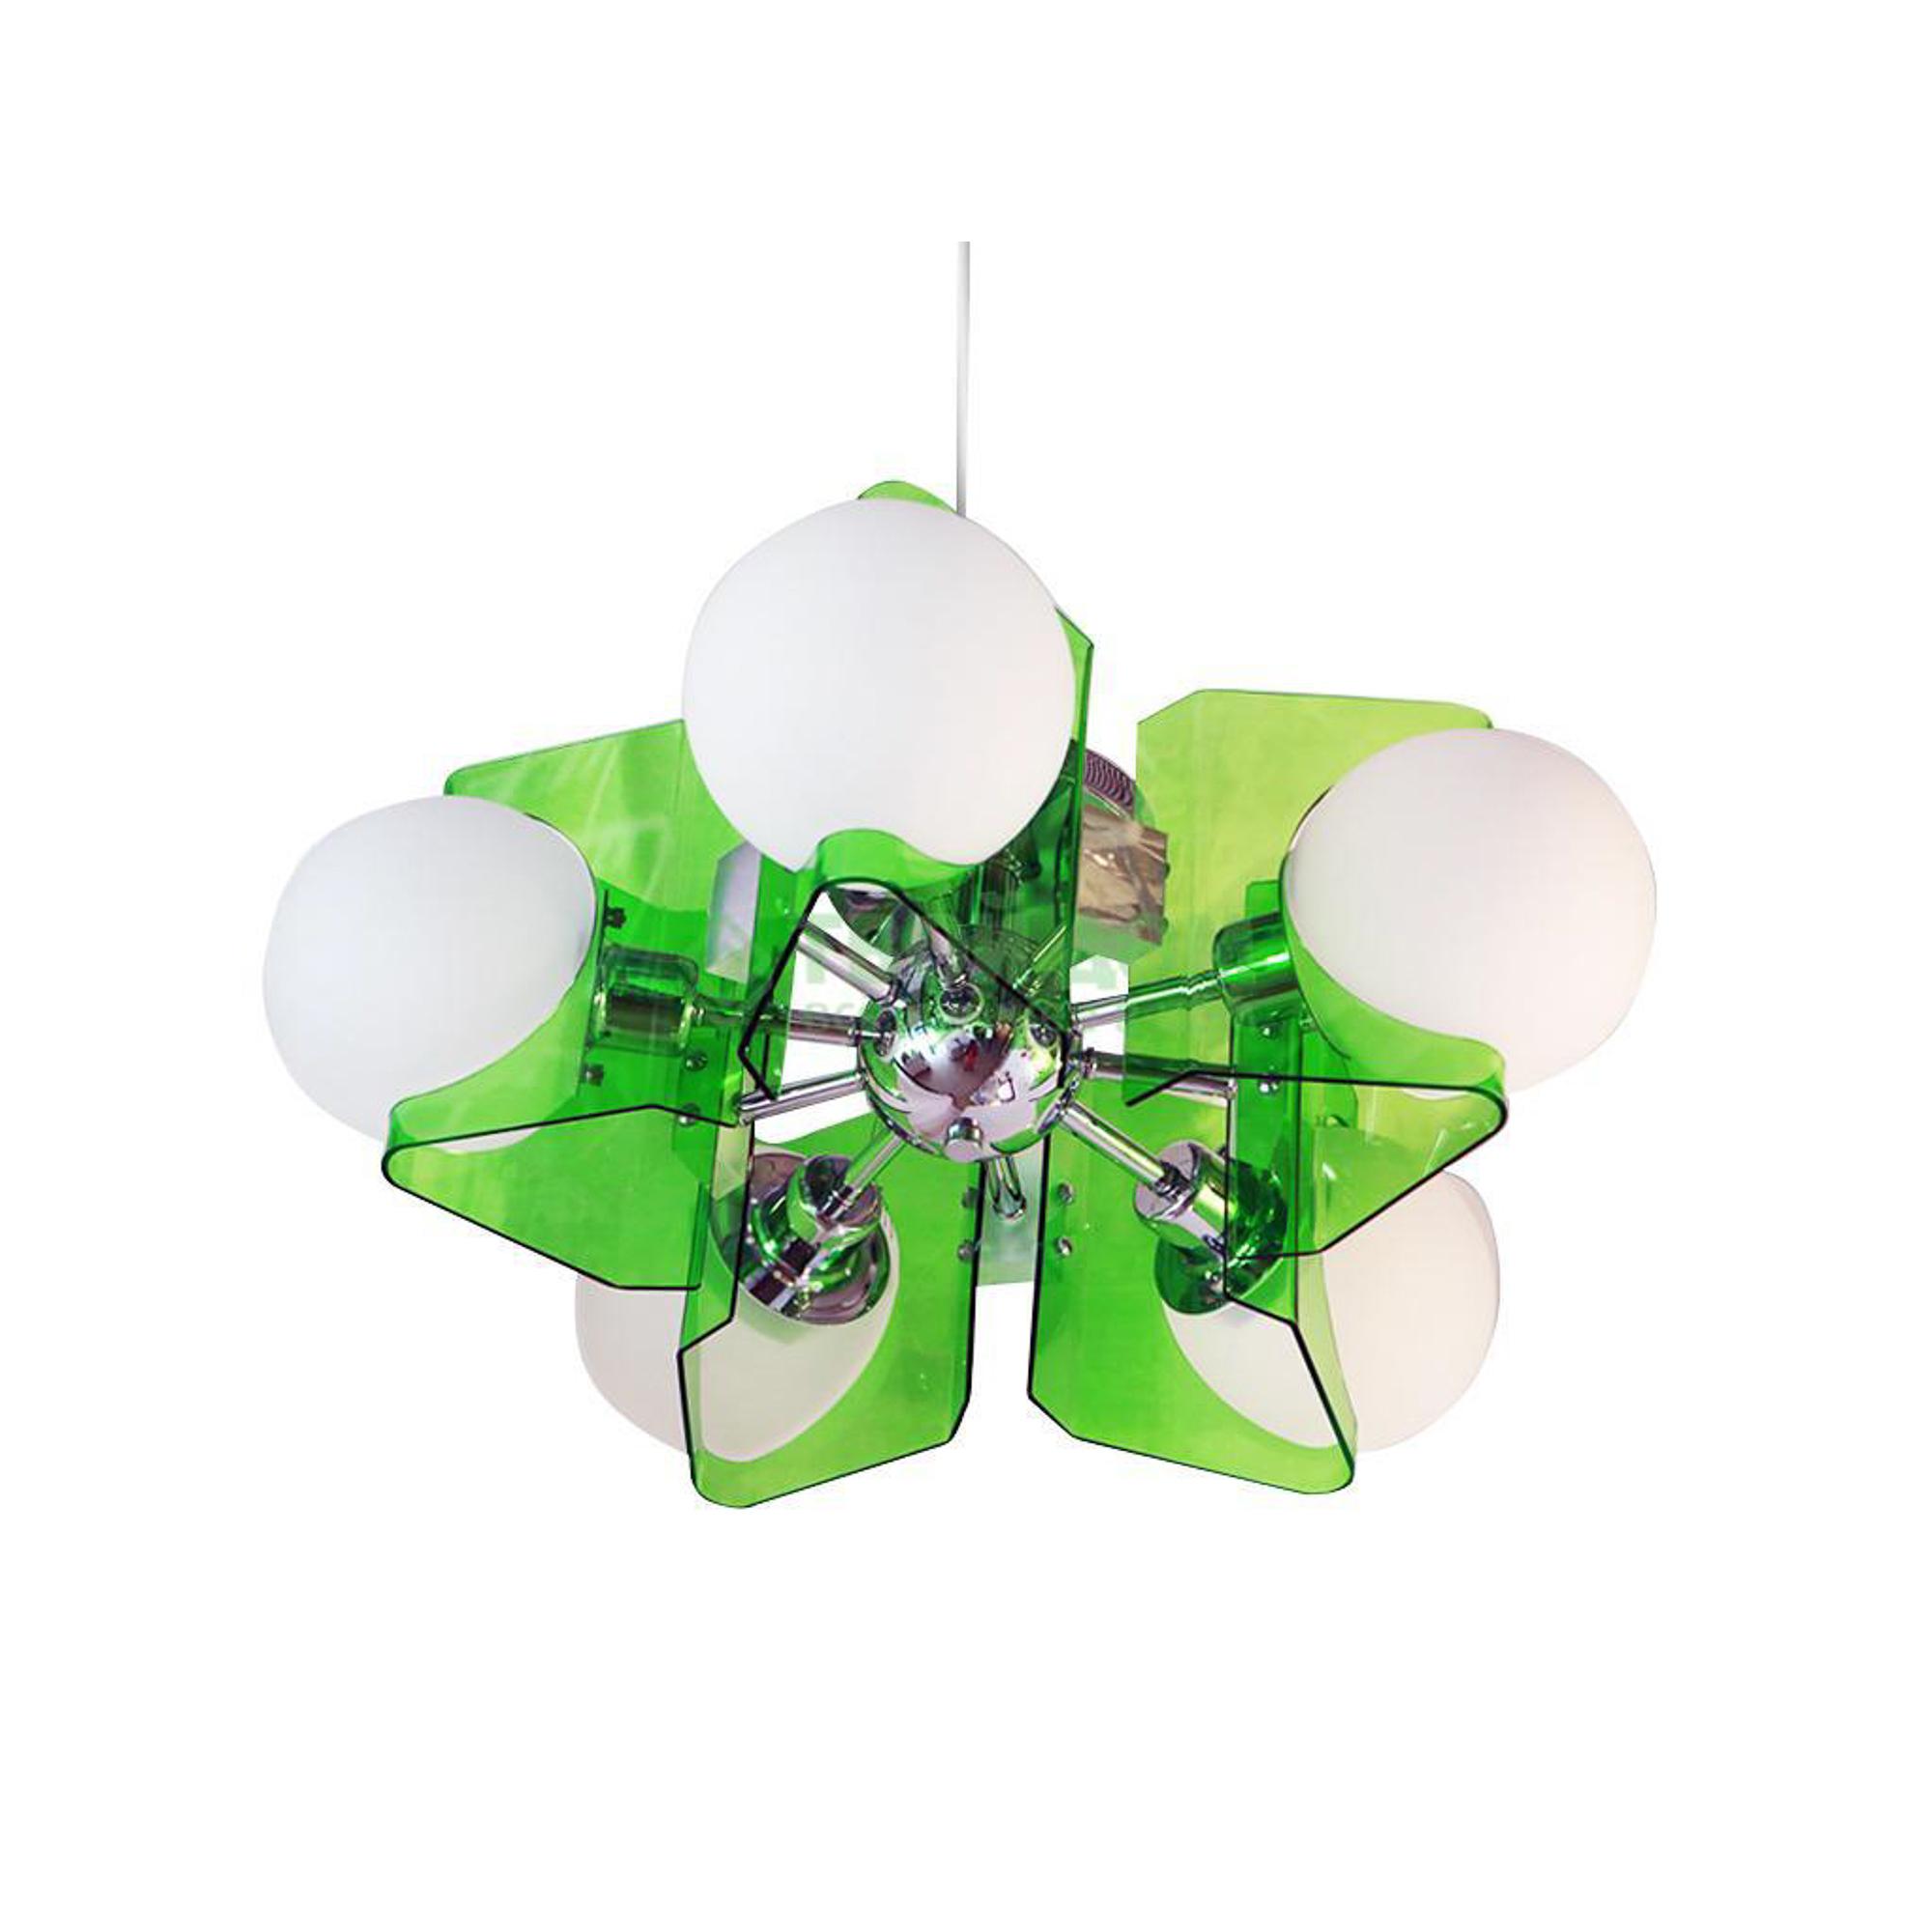 Потолочный светильник Cosma Lighting C-668-5CH-DG светильник потолочный idlamp cosma 395 3pf led white